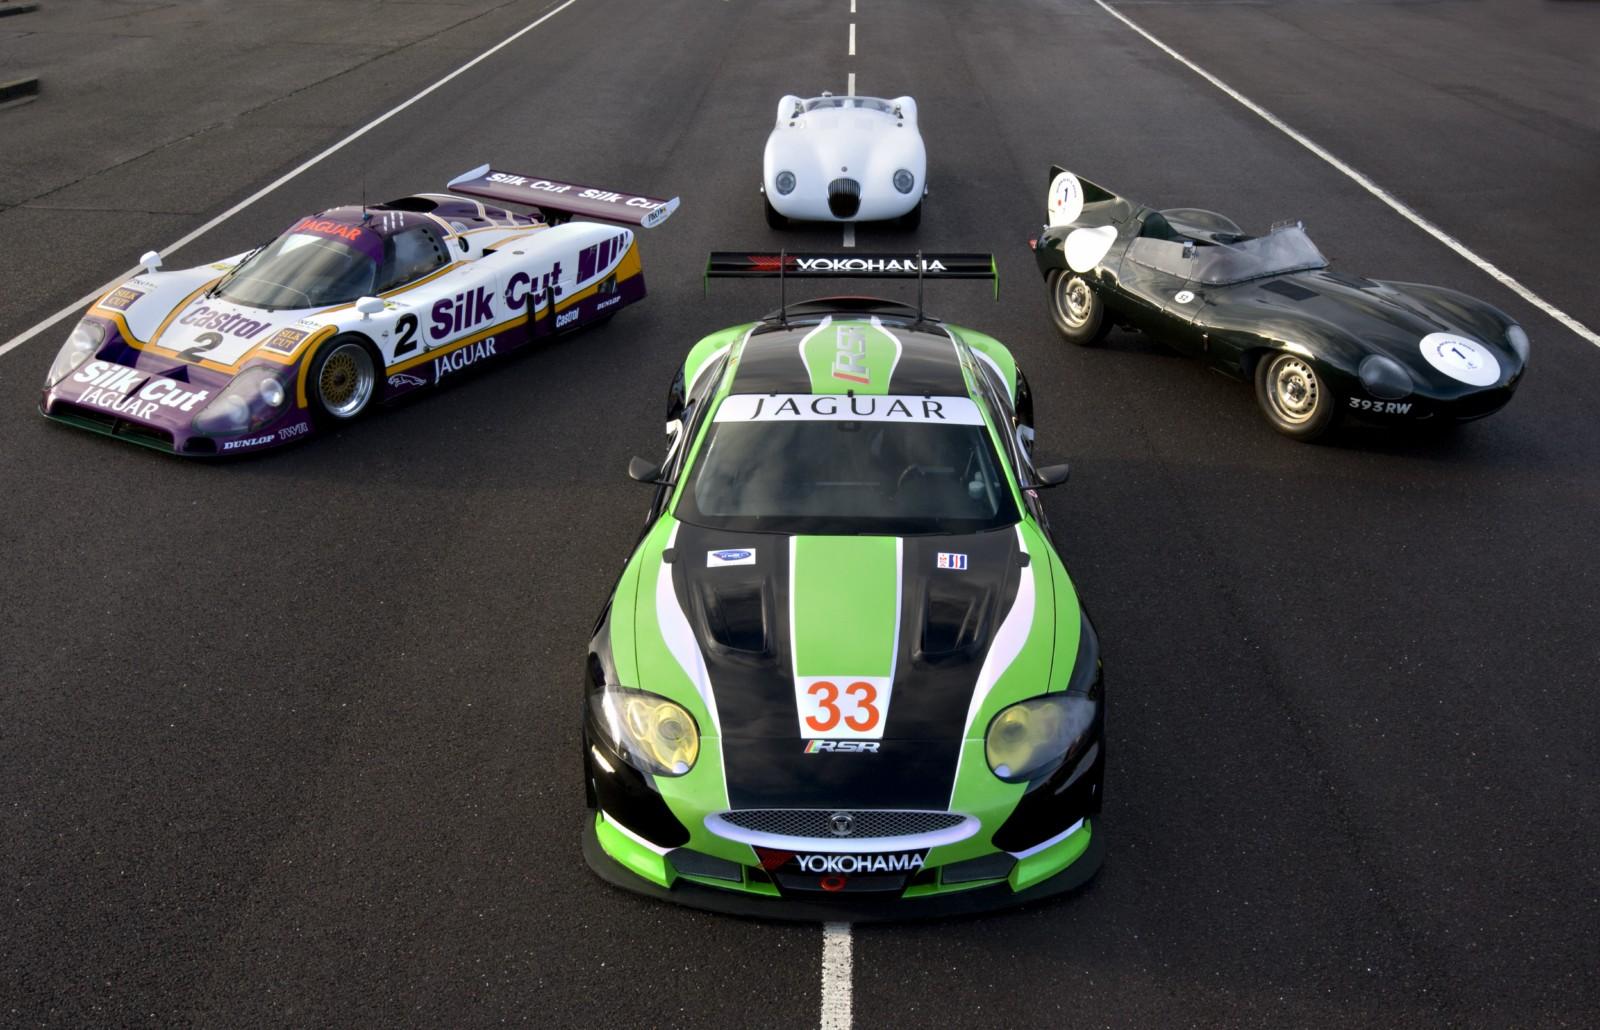 First Porsche, Now Jaguar Planning Le Mans Return?